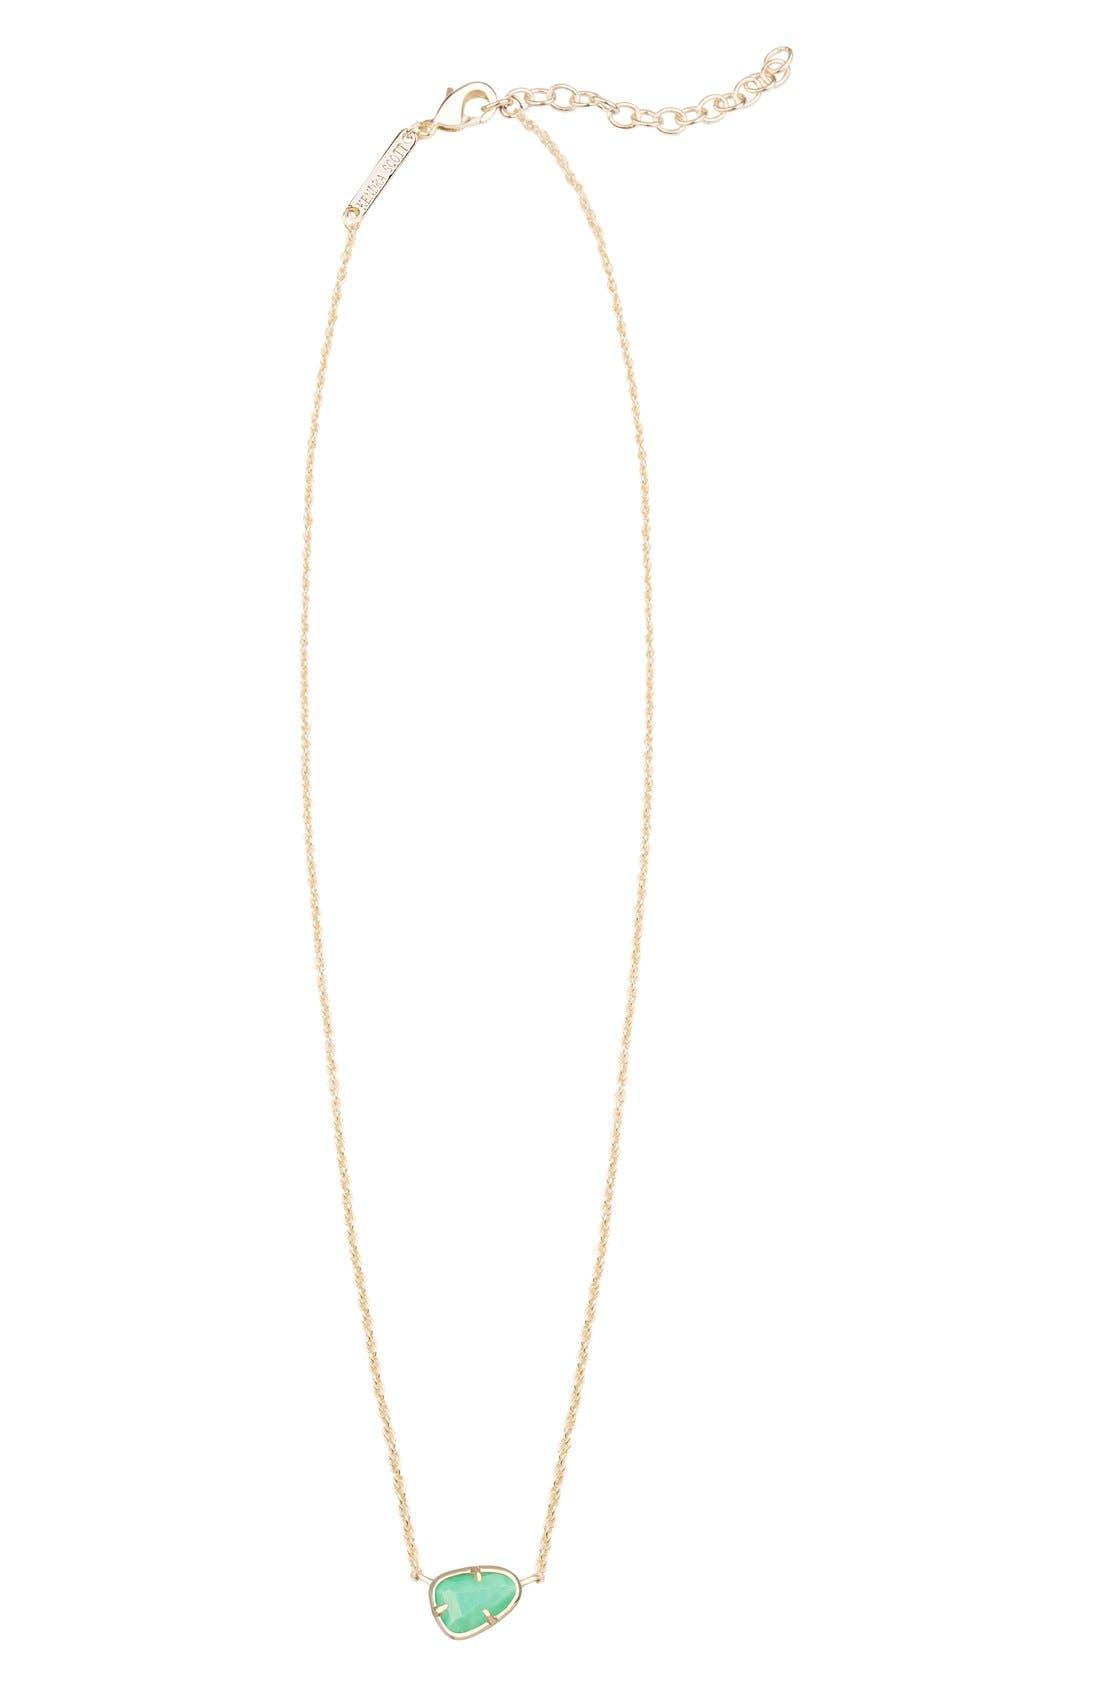 Main Image - Kendra Scott 'Hayden' Pendant Necklace